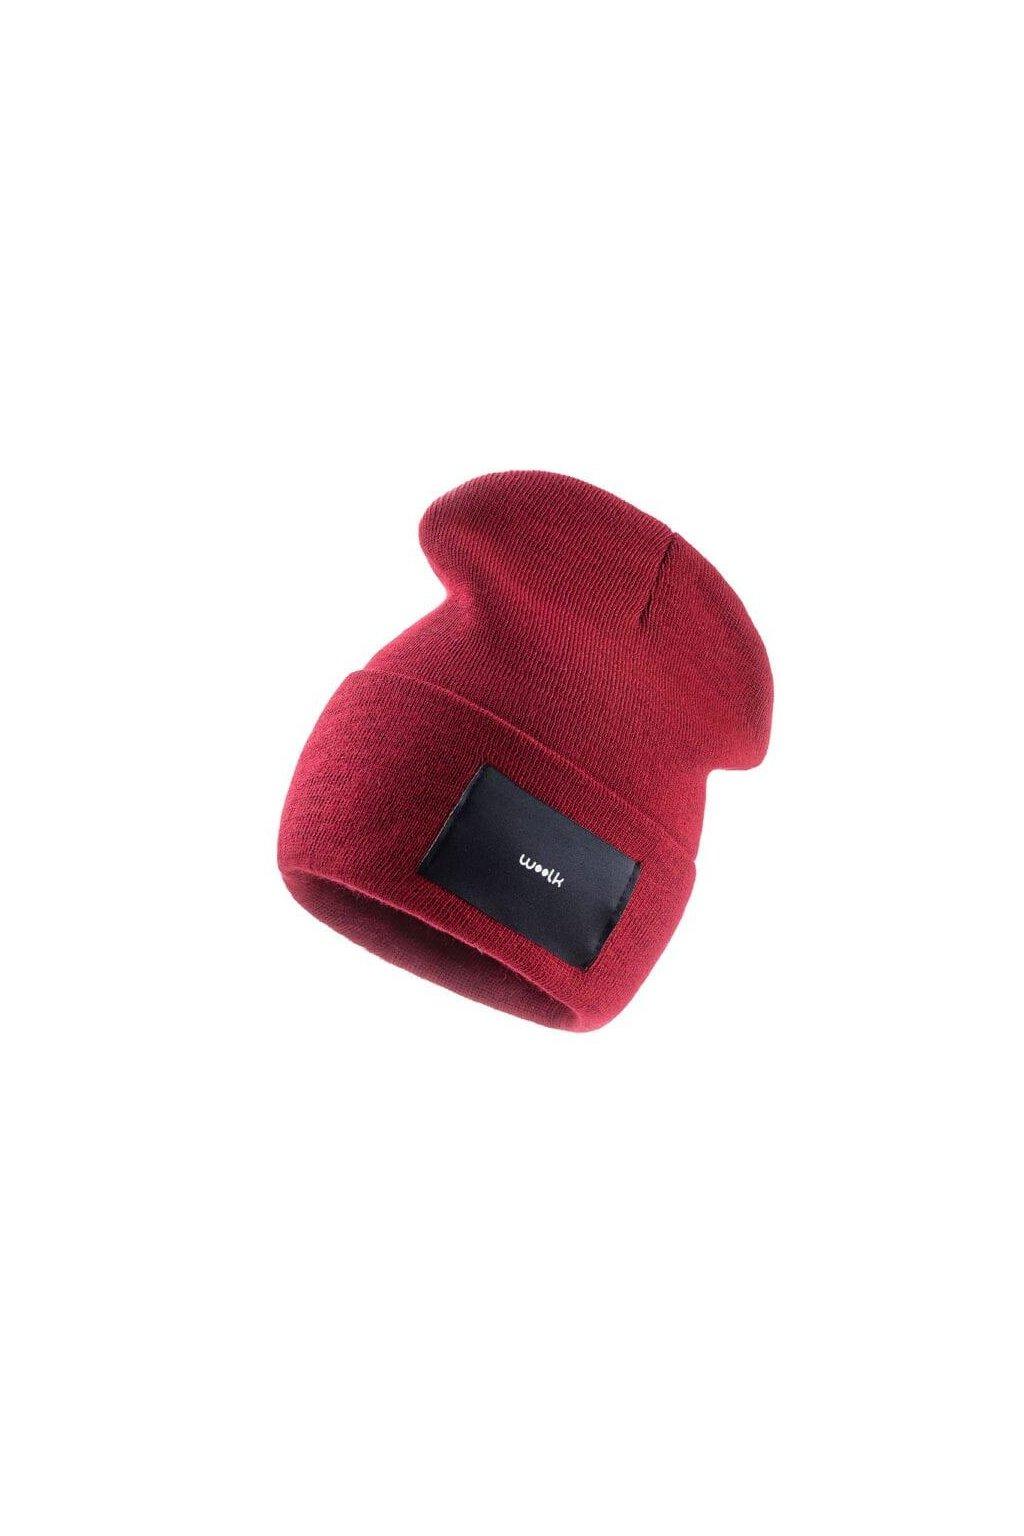 čepice woolk bordó stylová zimní